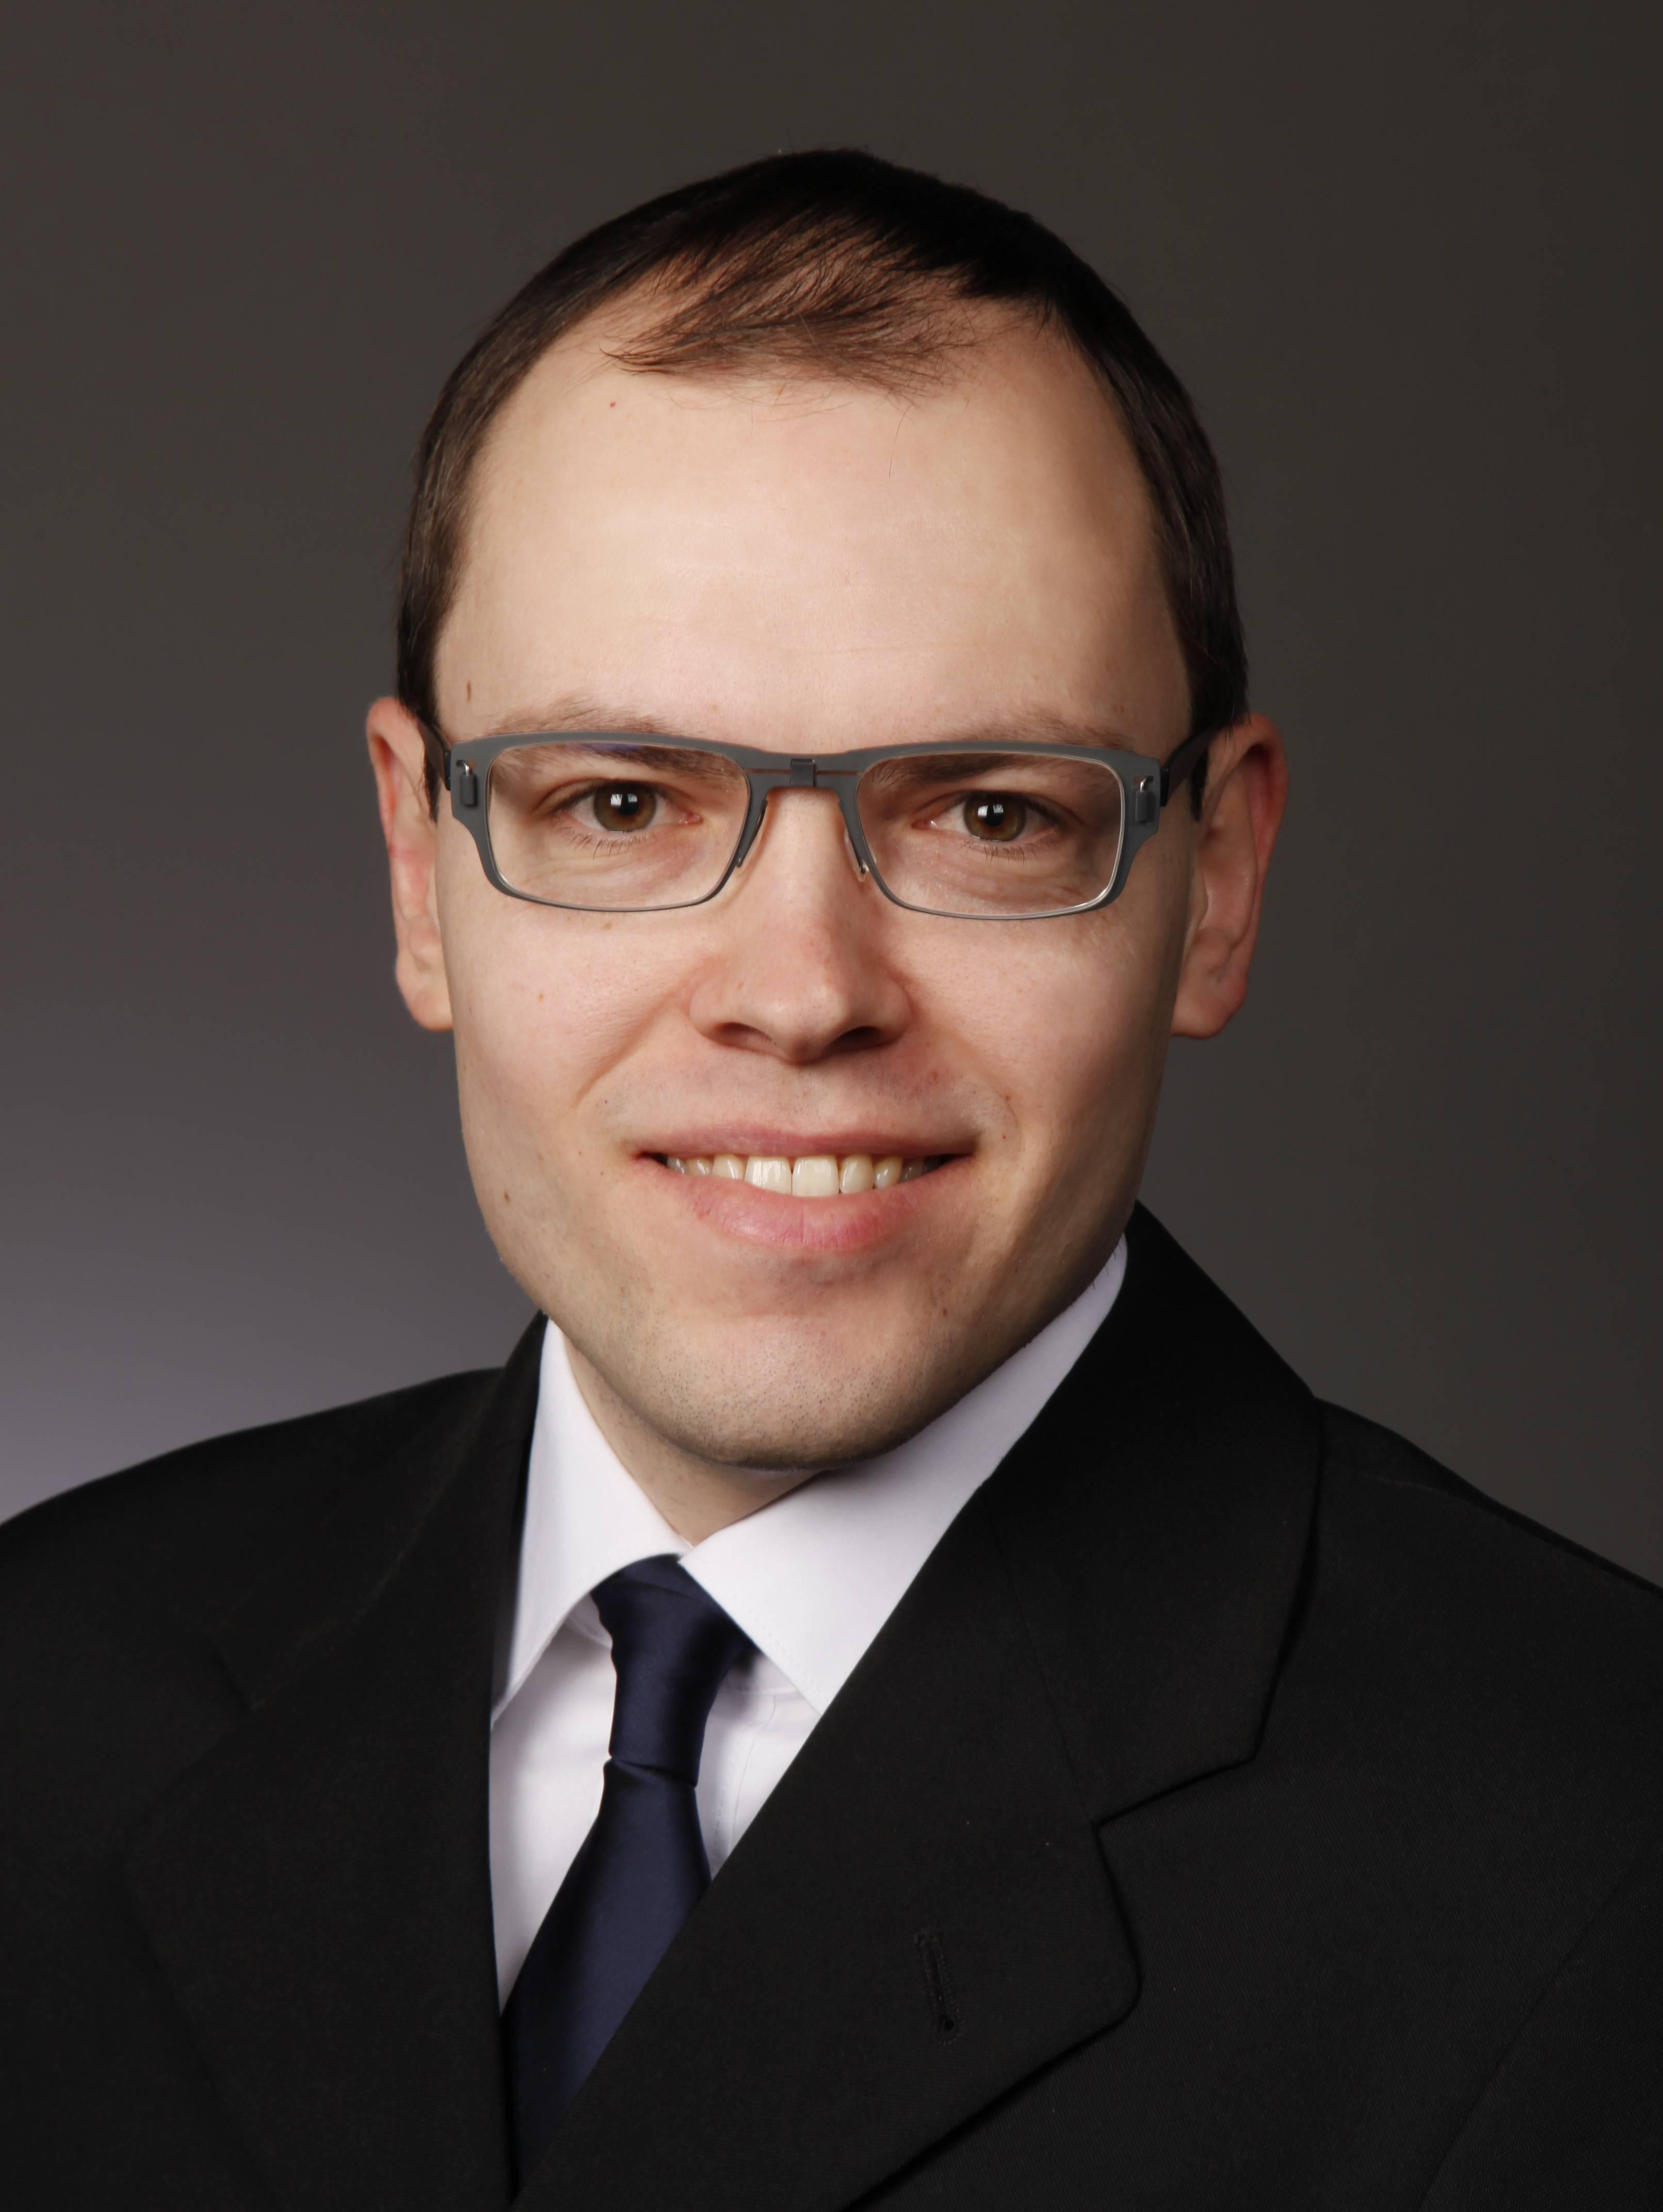 Christian Goßler